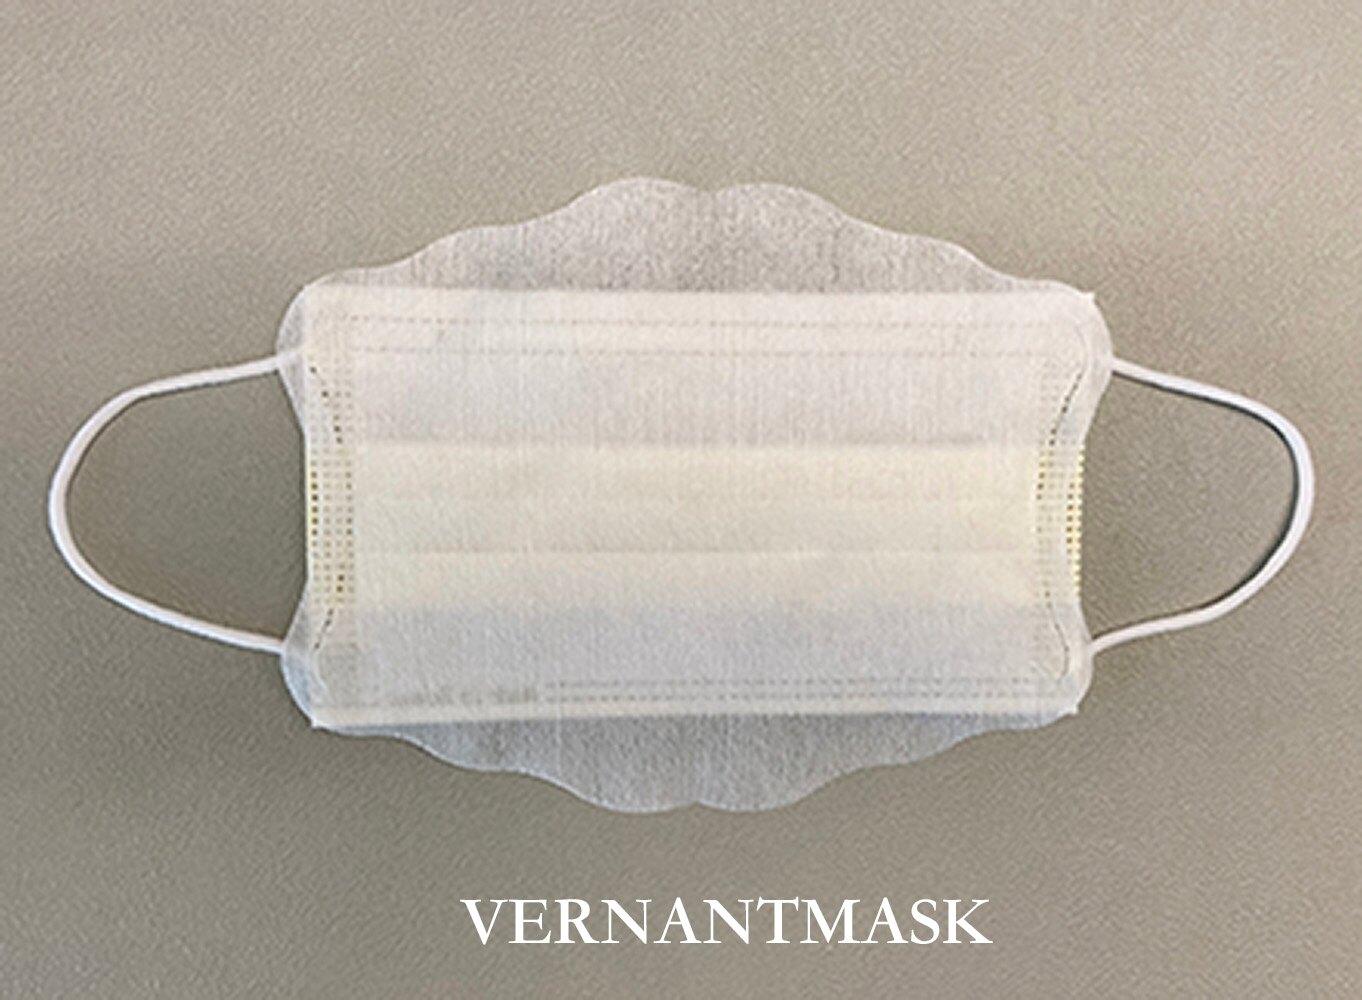 MASK SHEET 掛罩式 極薄口罩保潔襯墊(拋棄式)雲朵造型 單包30片入